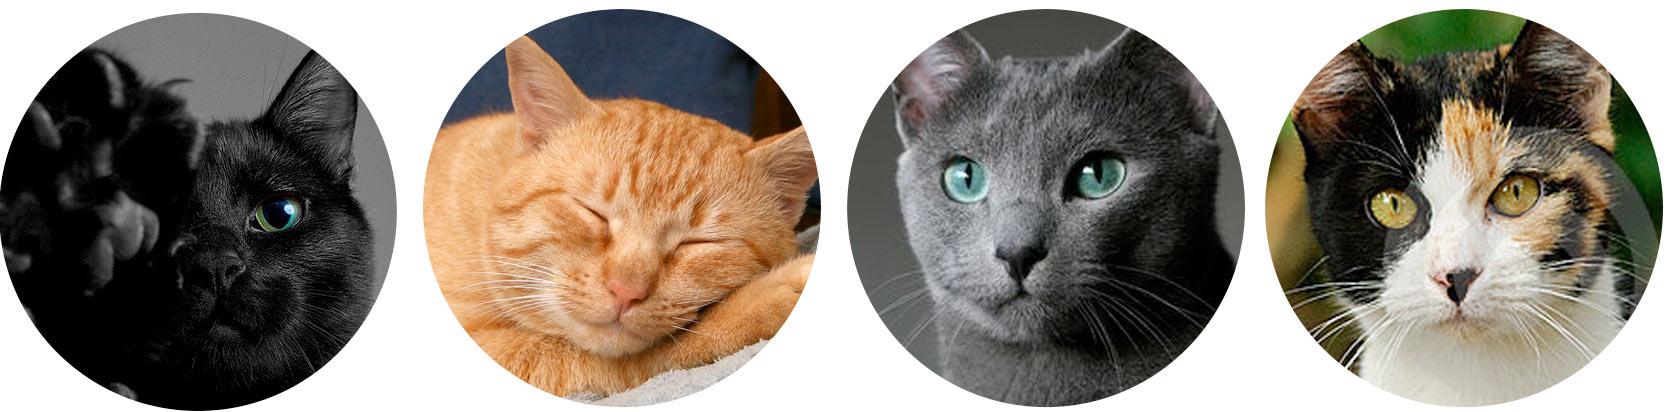 окрас у кошки